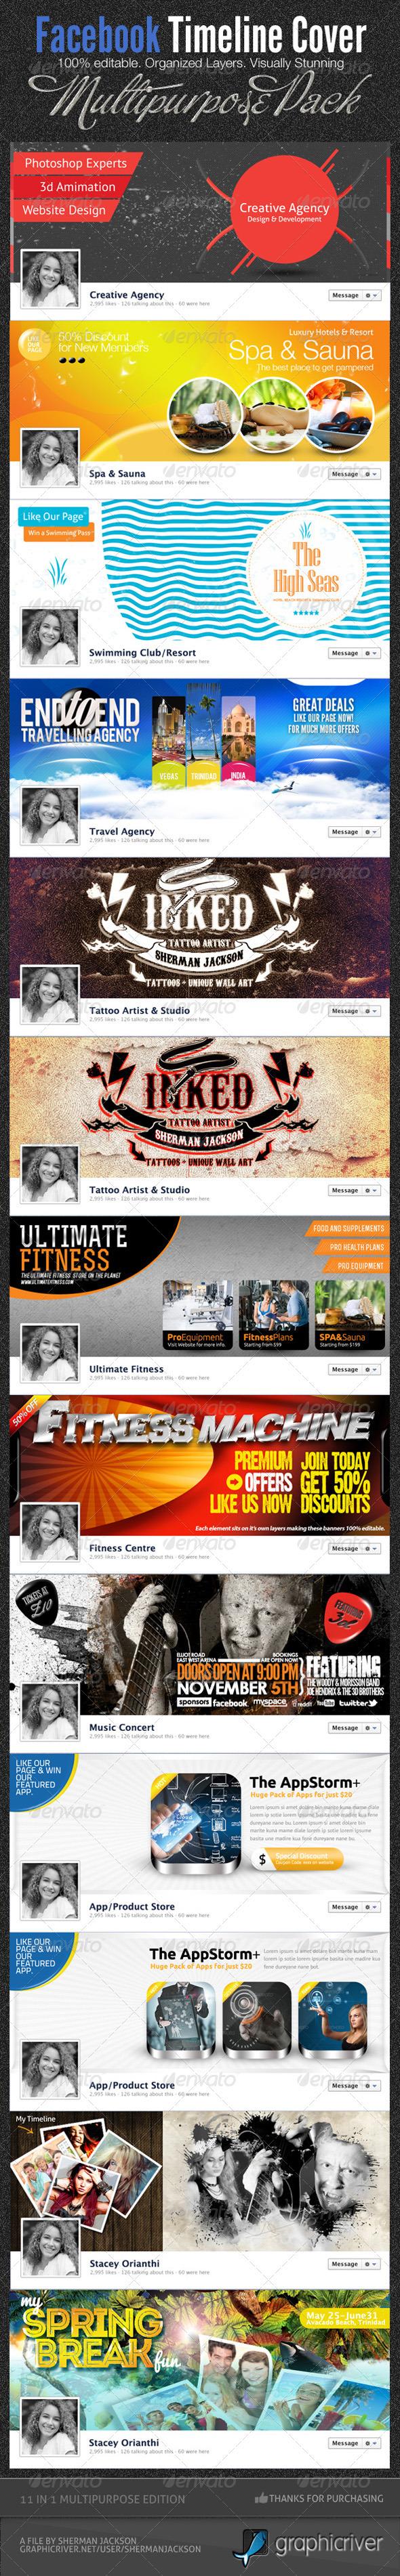 11 in 1 Mega Facebook Timeline Cover Templates - Facebook Timeline Covers Social Media